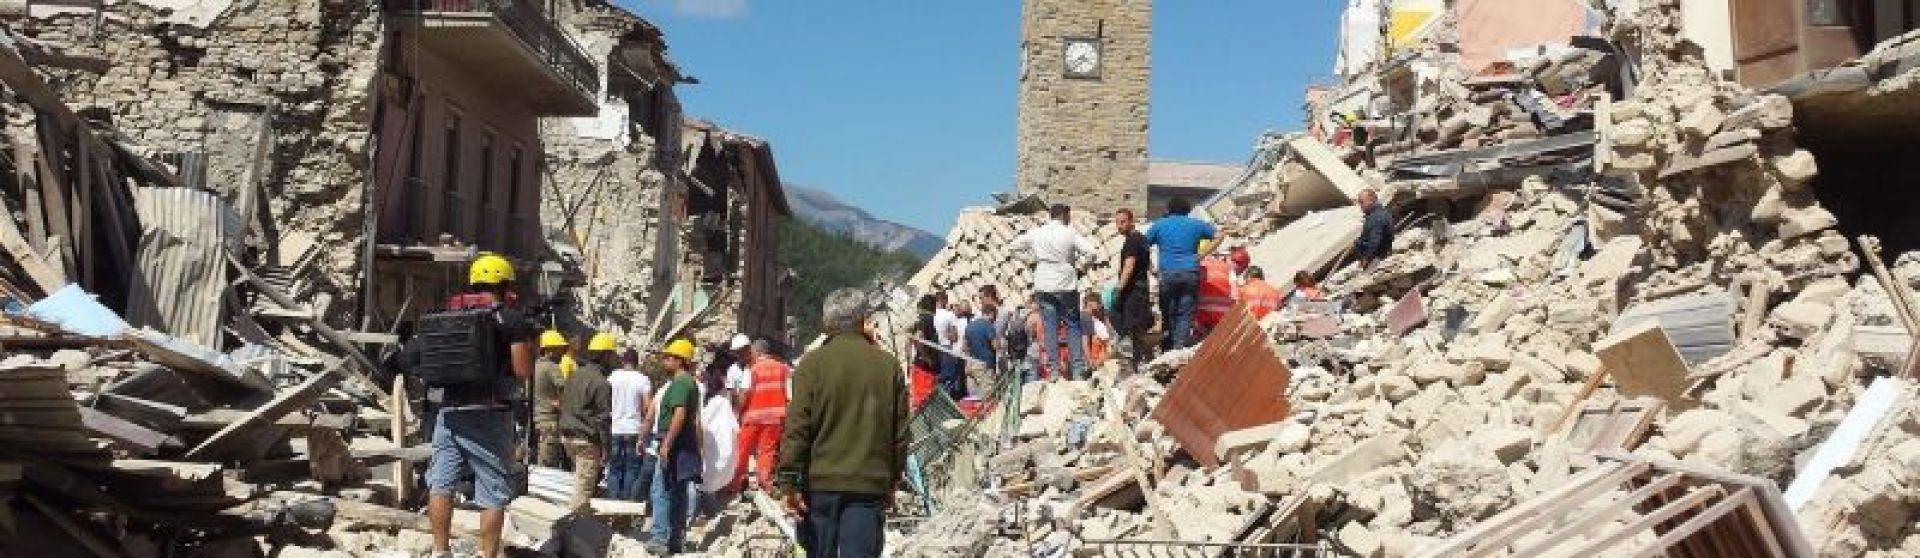 Помощь Бедствия Помогите людям в их нуждах по всему миру!